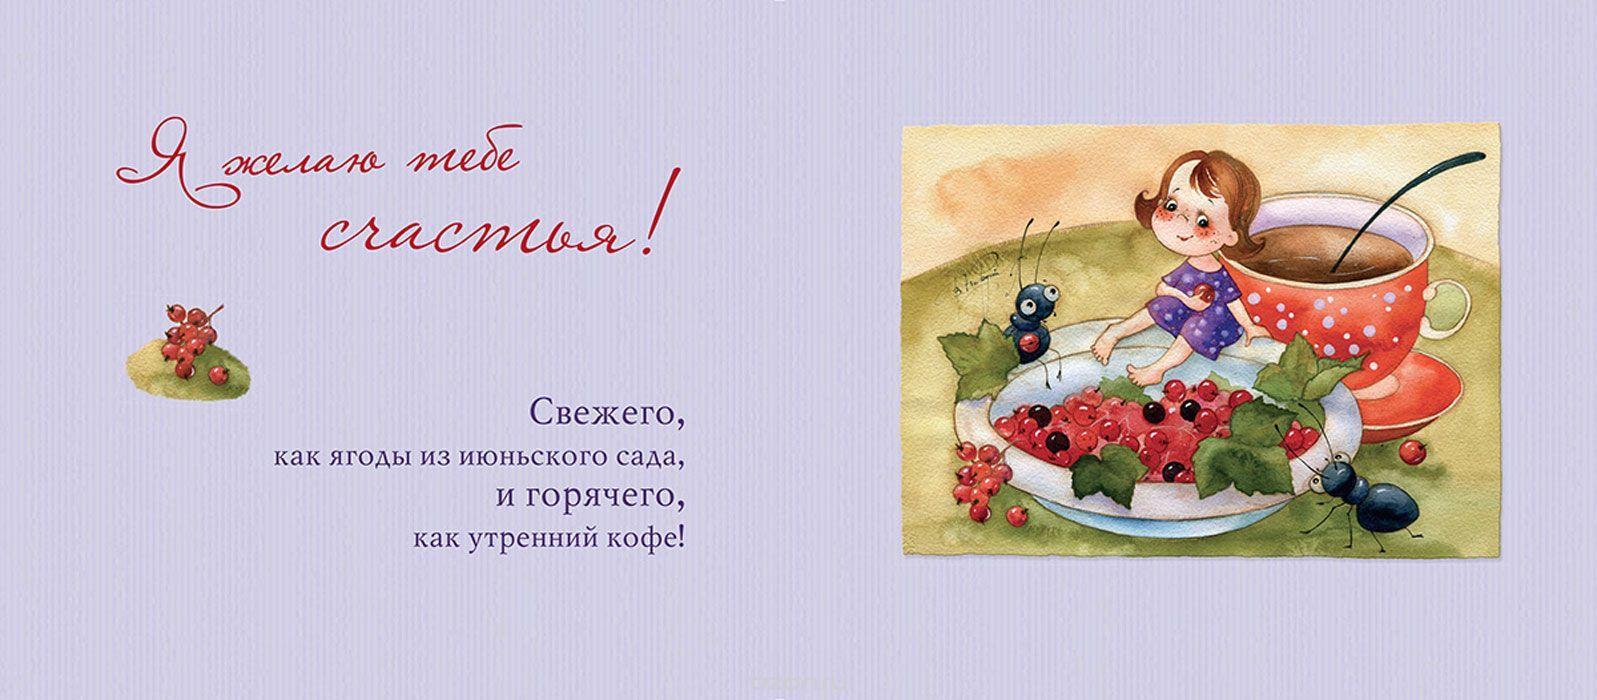 В.кирдий открытки с надписями